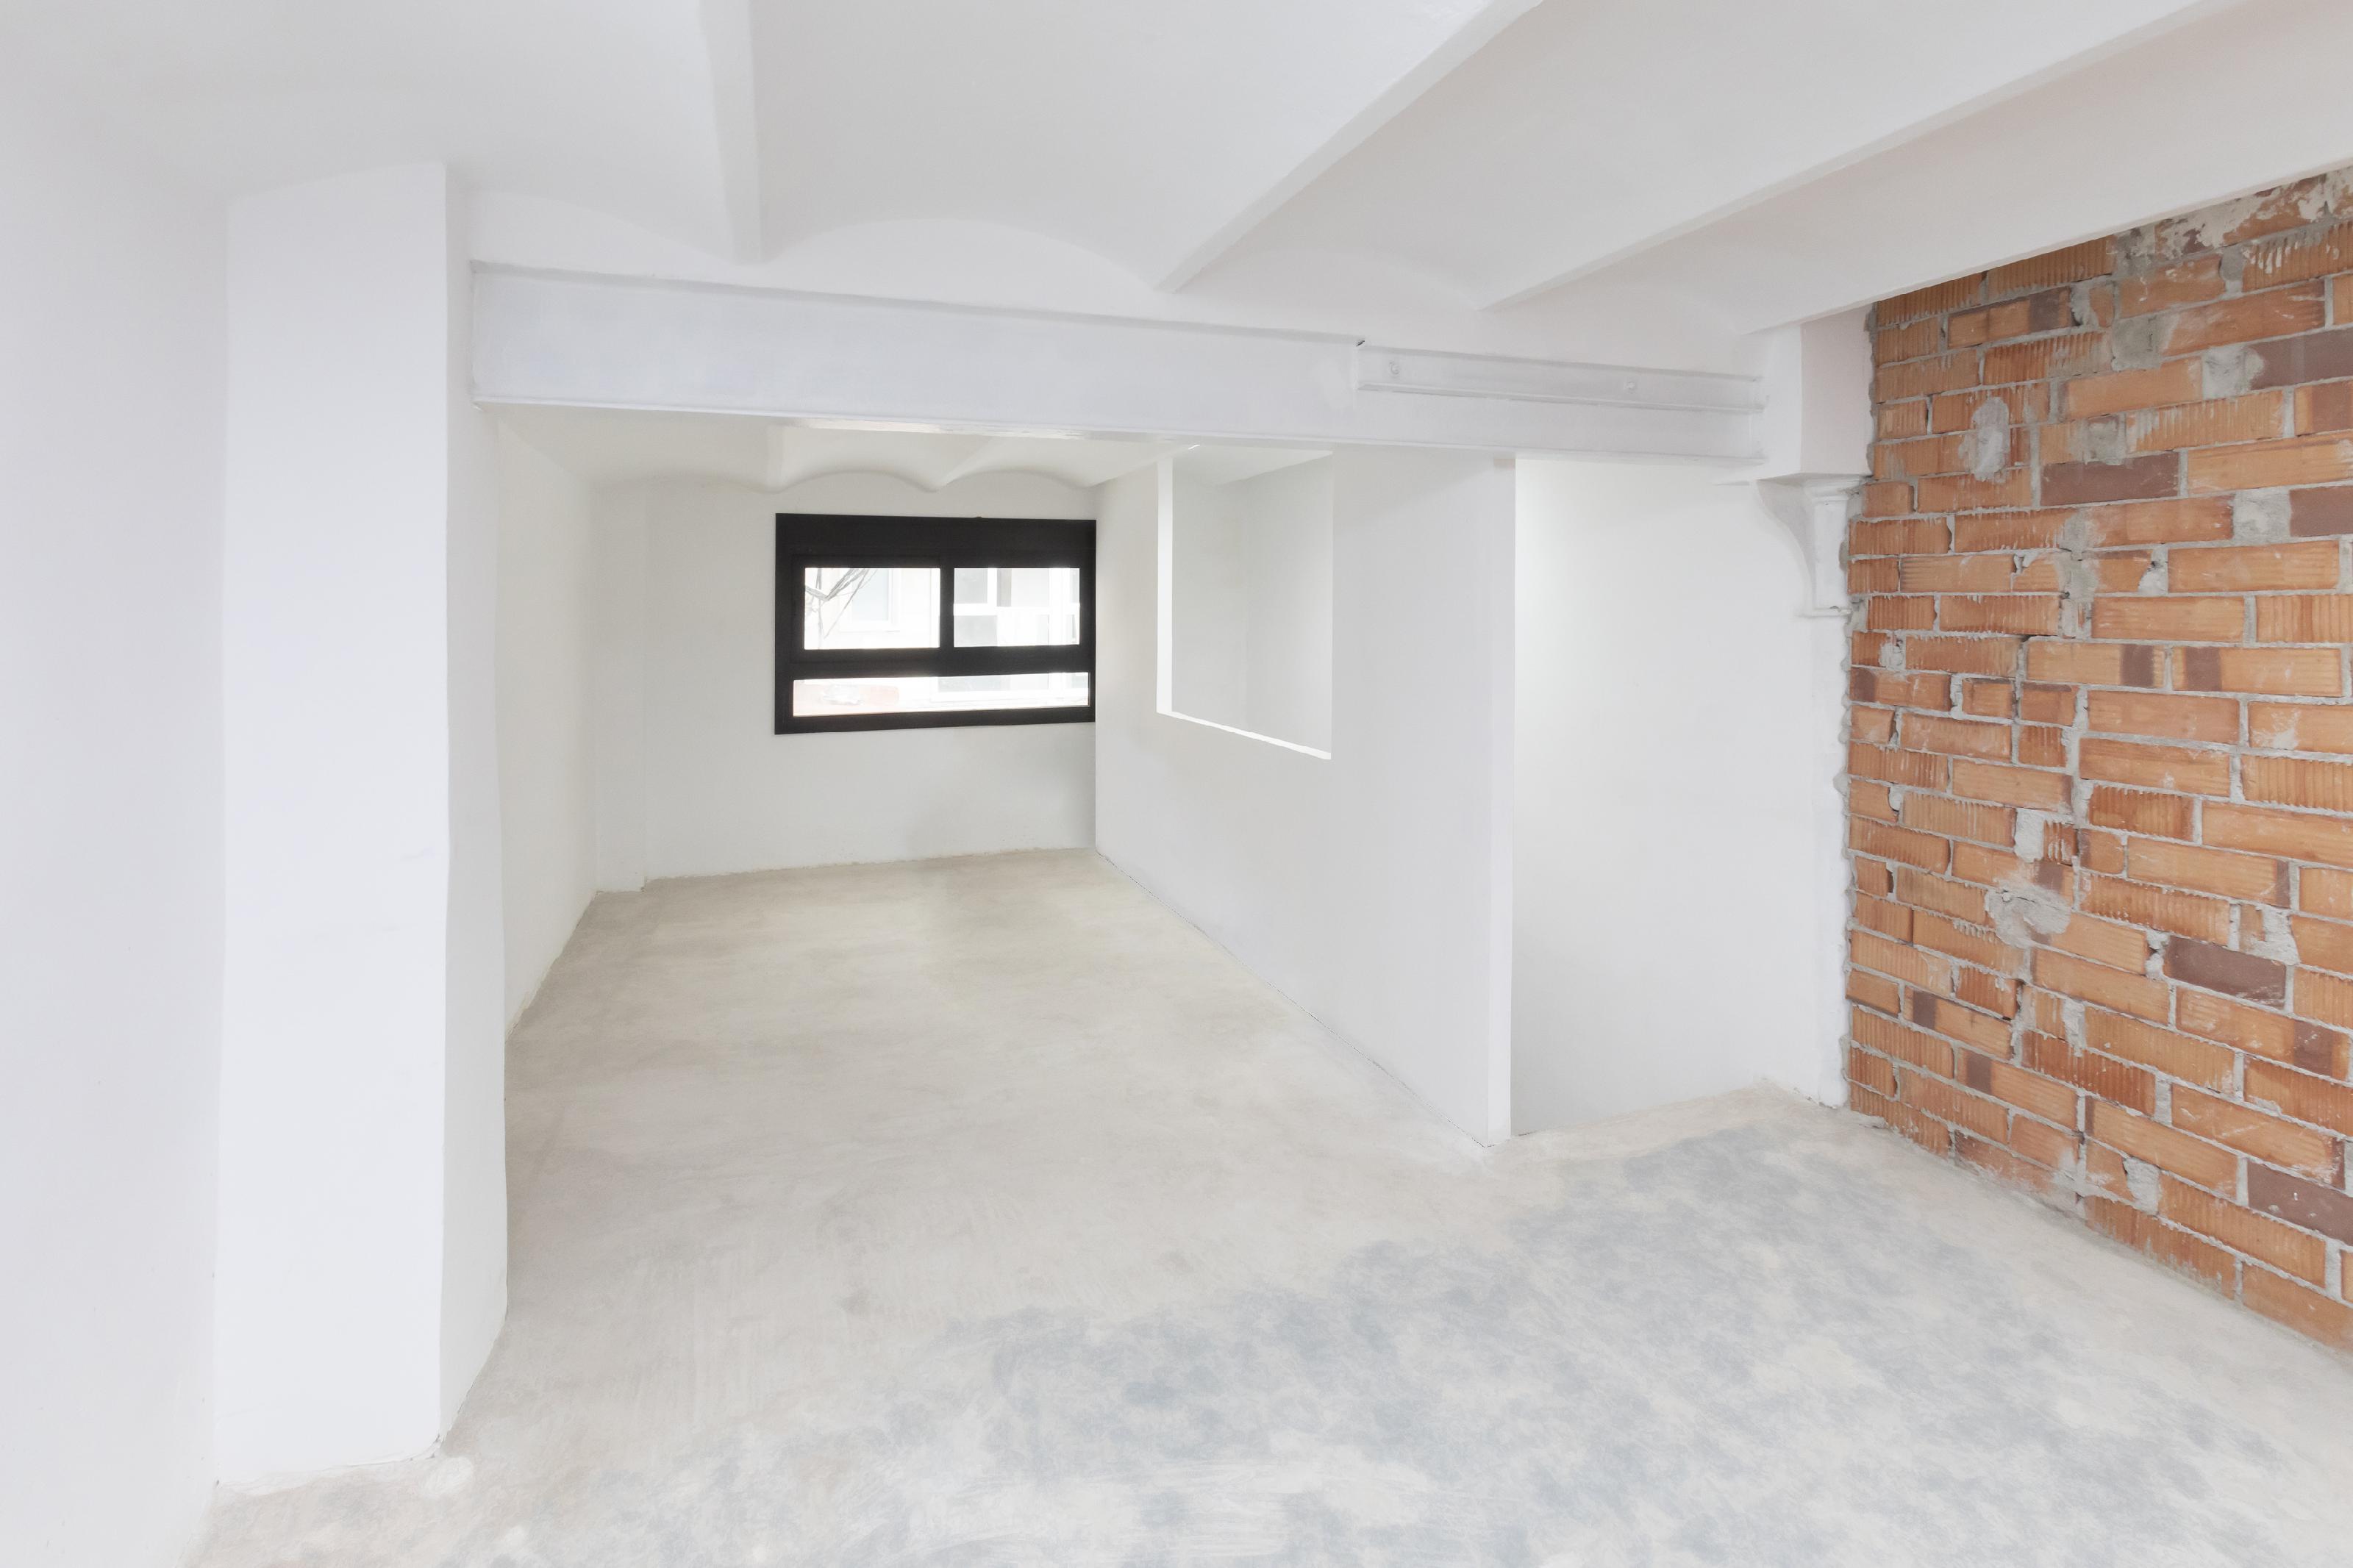 253983 Loft for sale in Gràcia, Vila de Gràcia 13